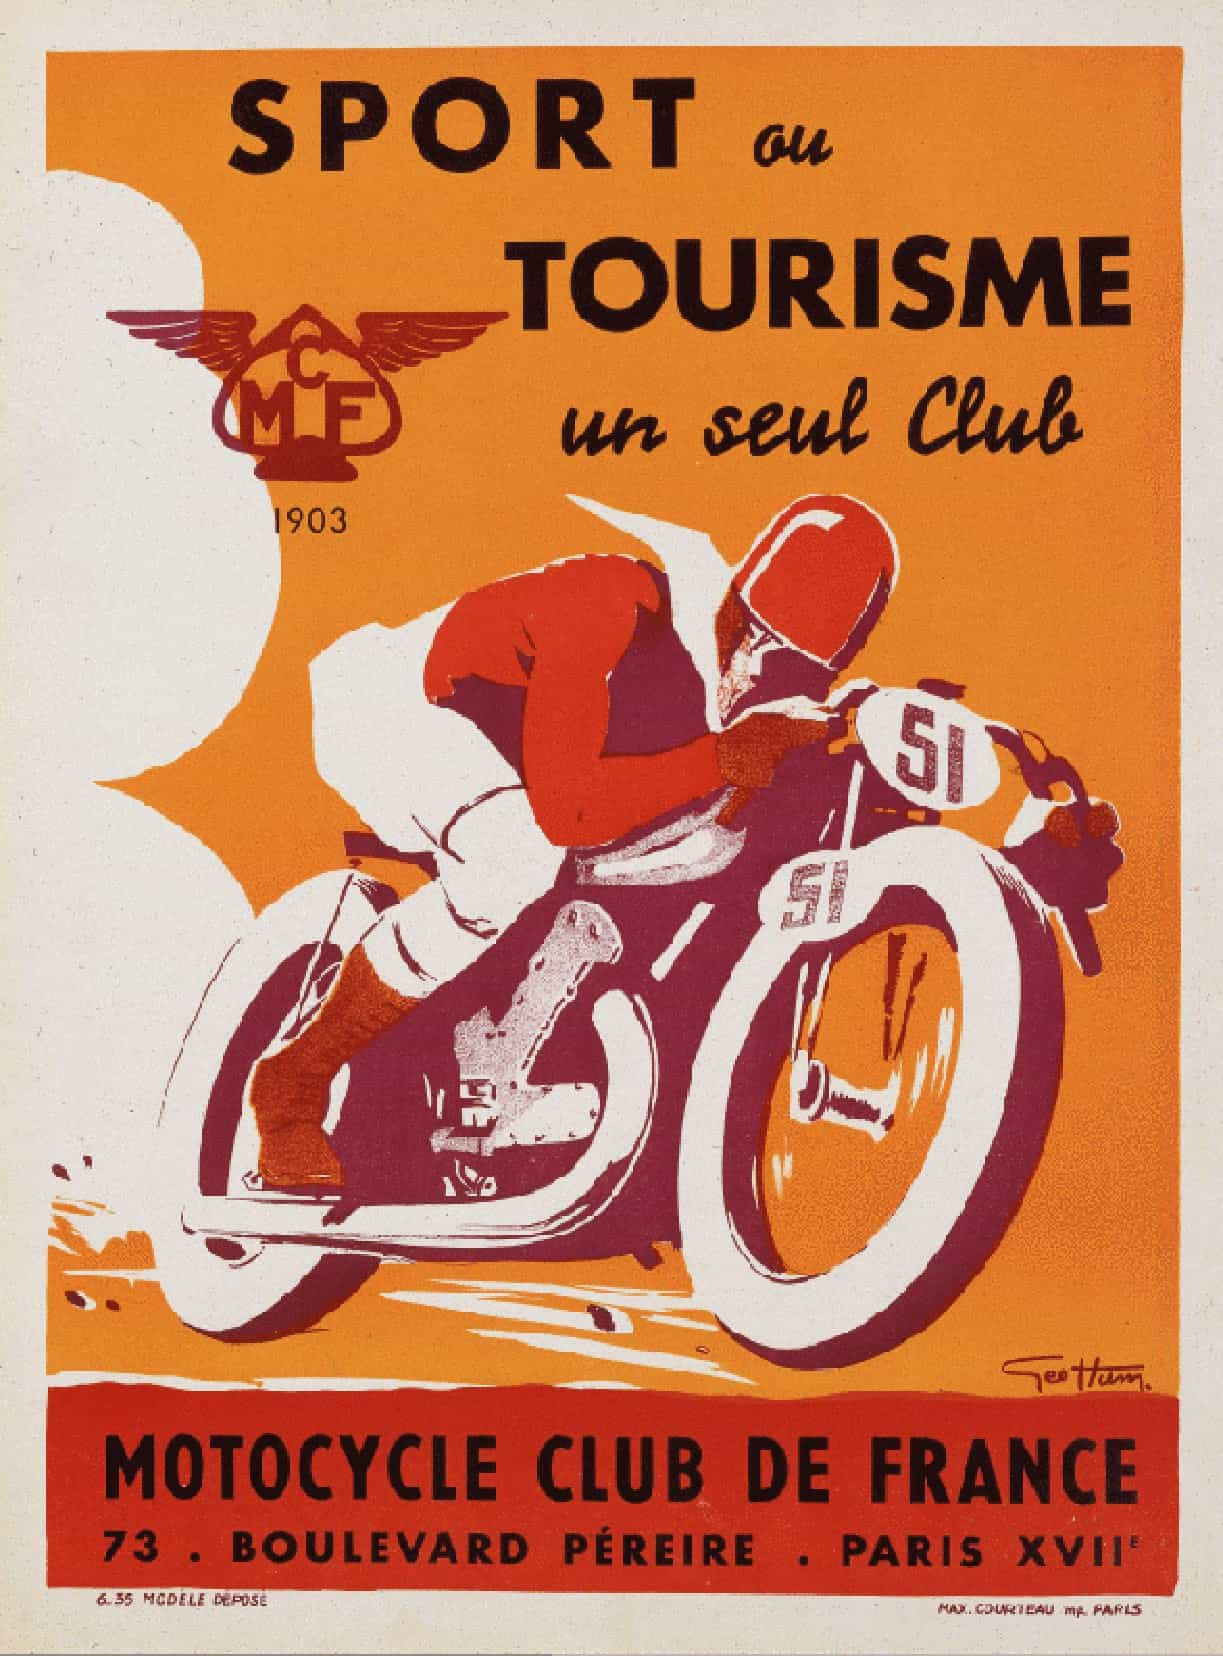 motorcycle club de france vintage french poster. Black Bedroom Furniture Sets. Home Design Ideas